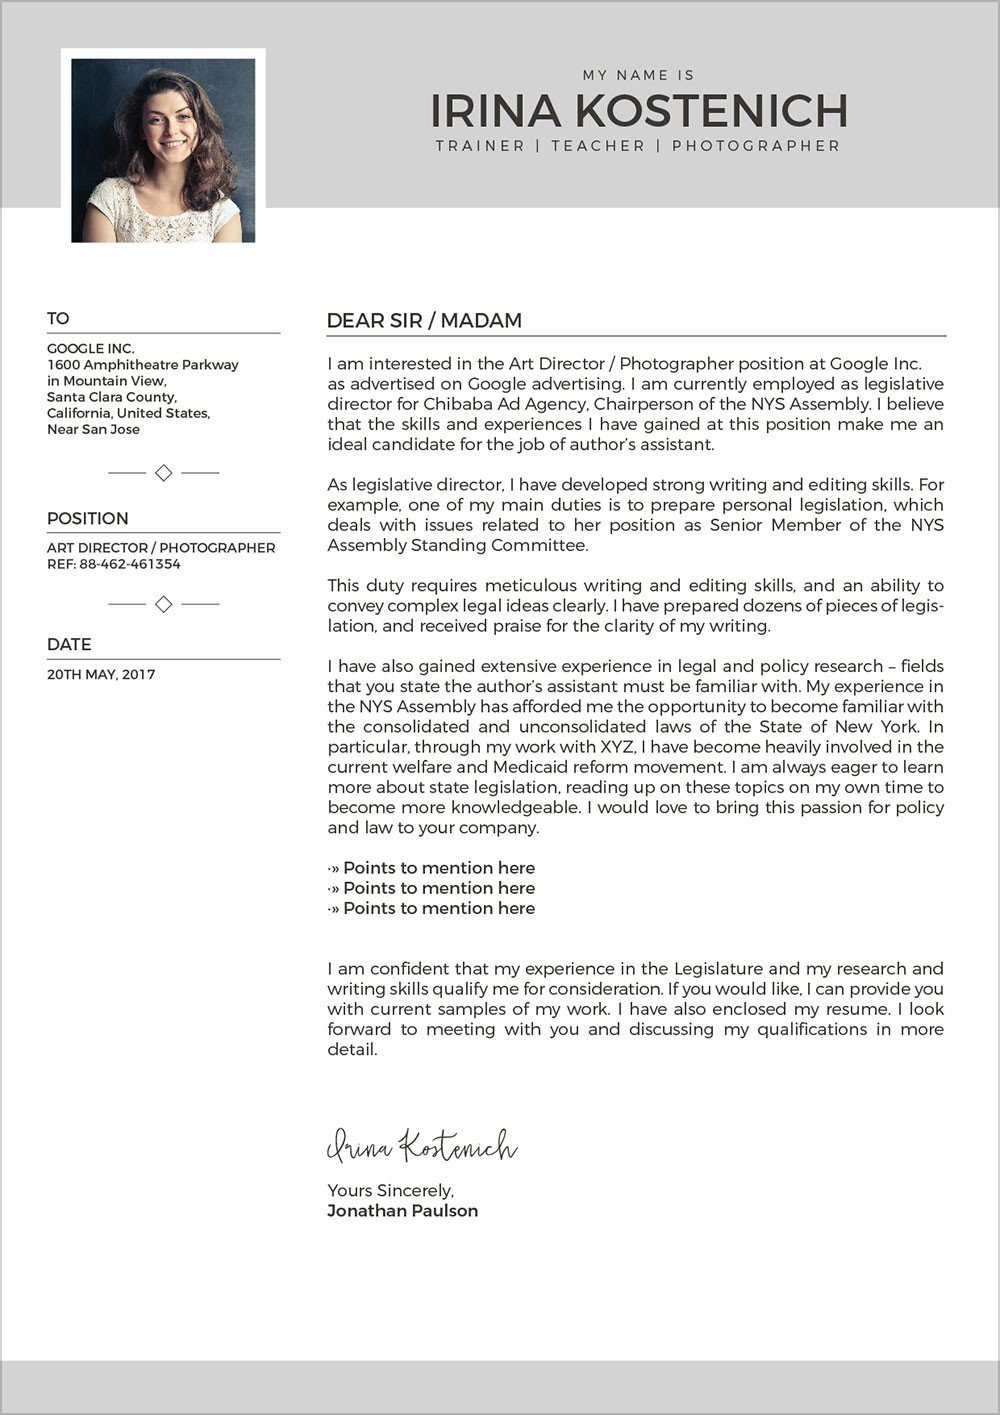 Modern Cover Letter Template Free Modern Cv Template Cover Letter & Portfolio Design